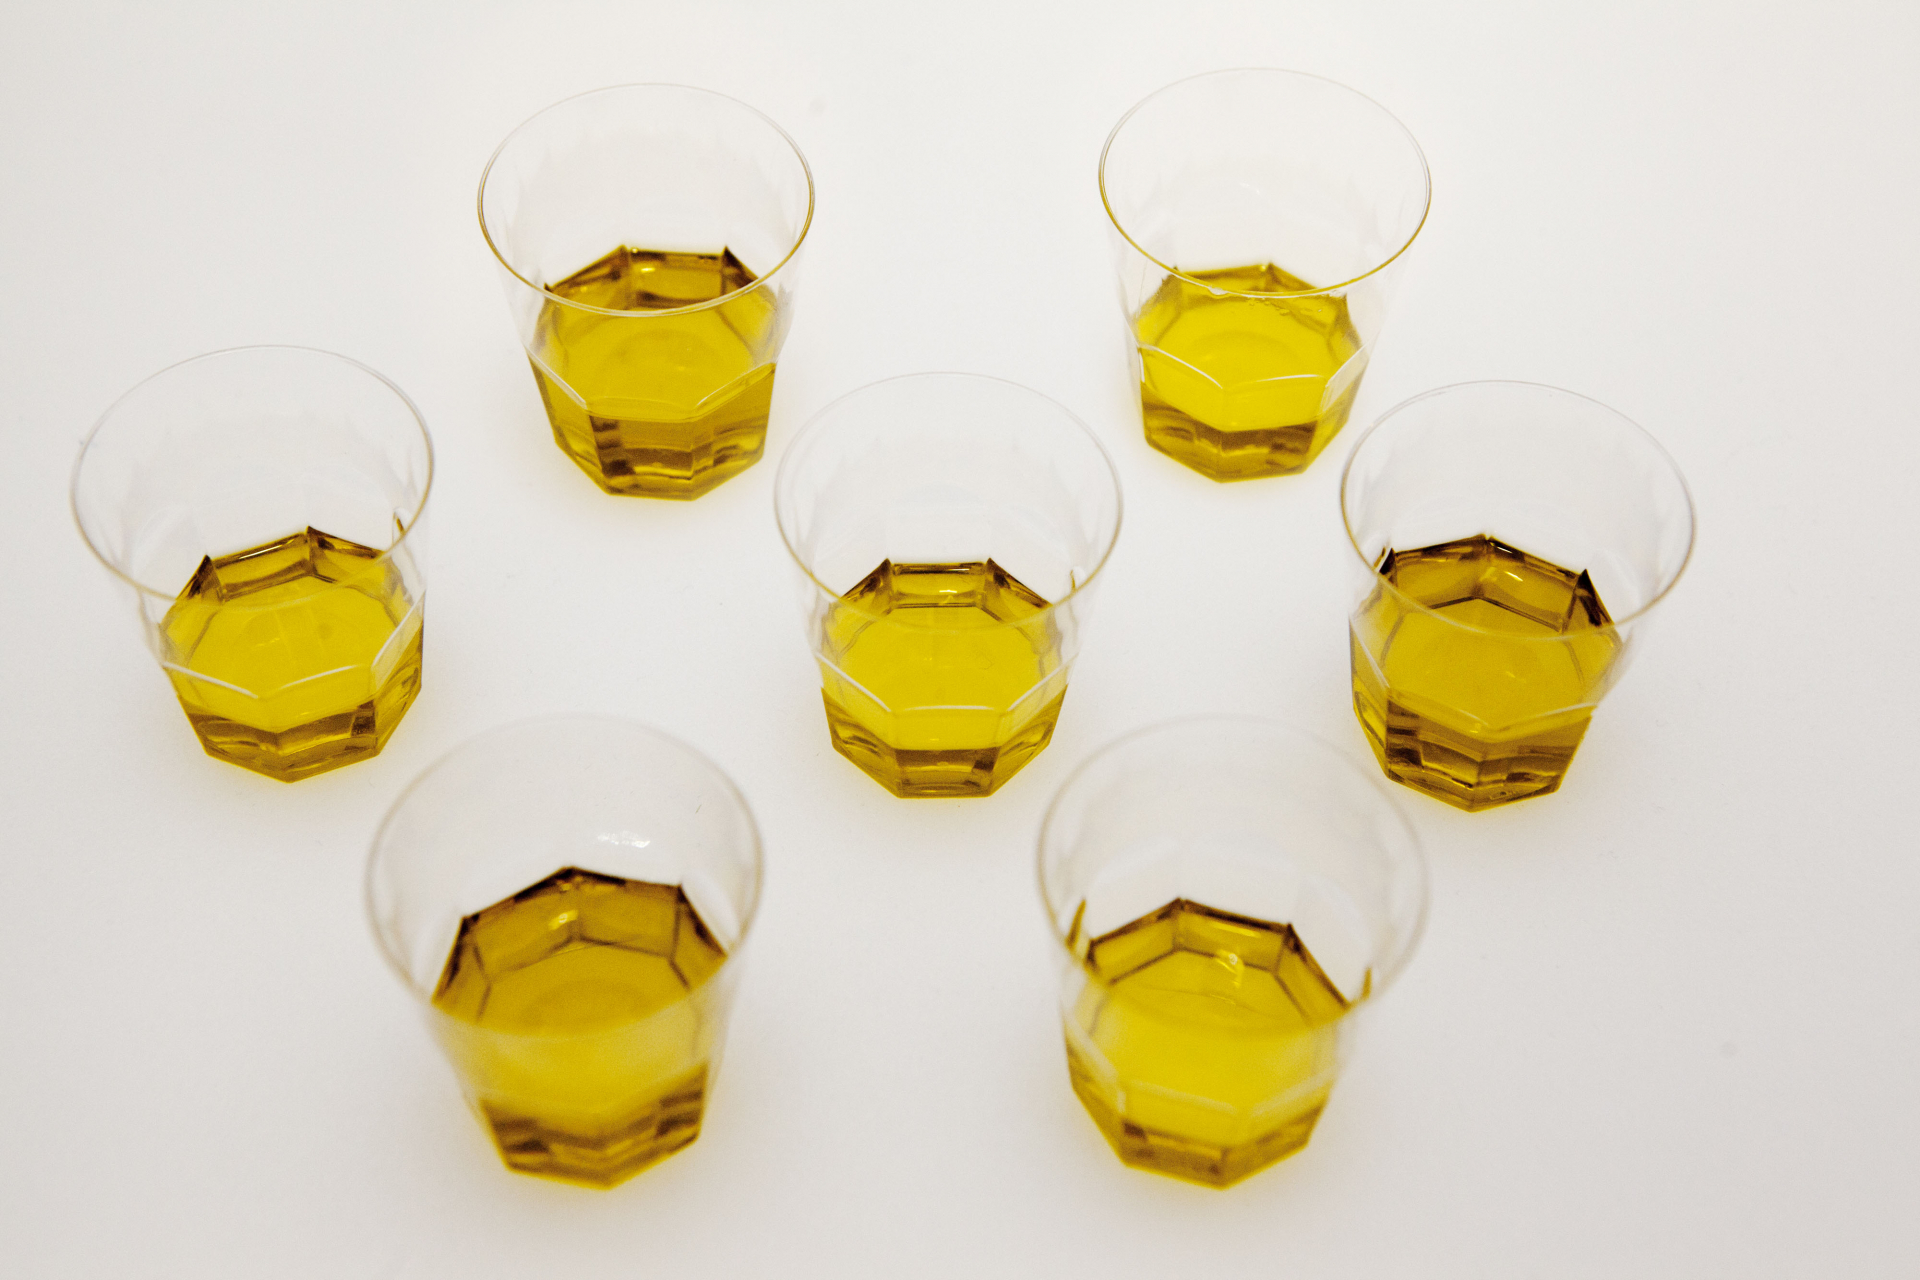 Gli extra vergini finalisti al Milan International Olive Oil Award secondo la giuria consumatori